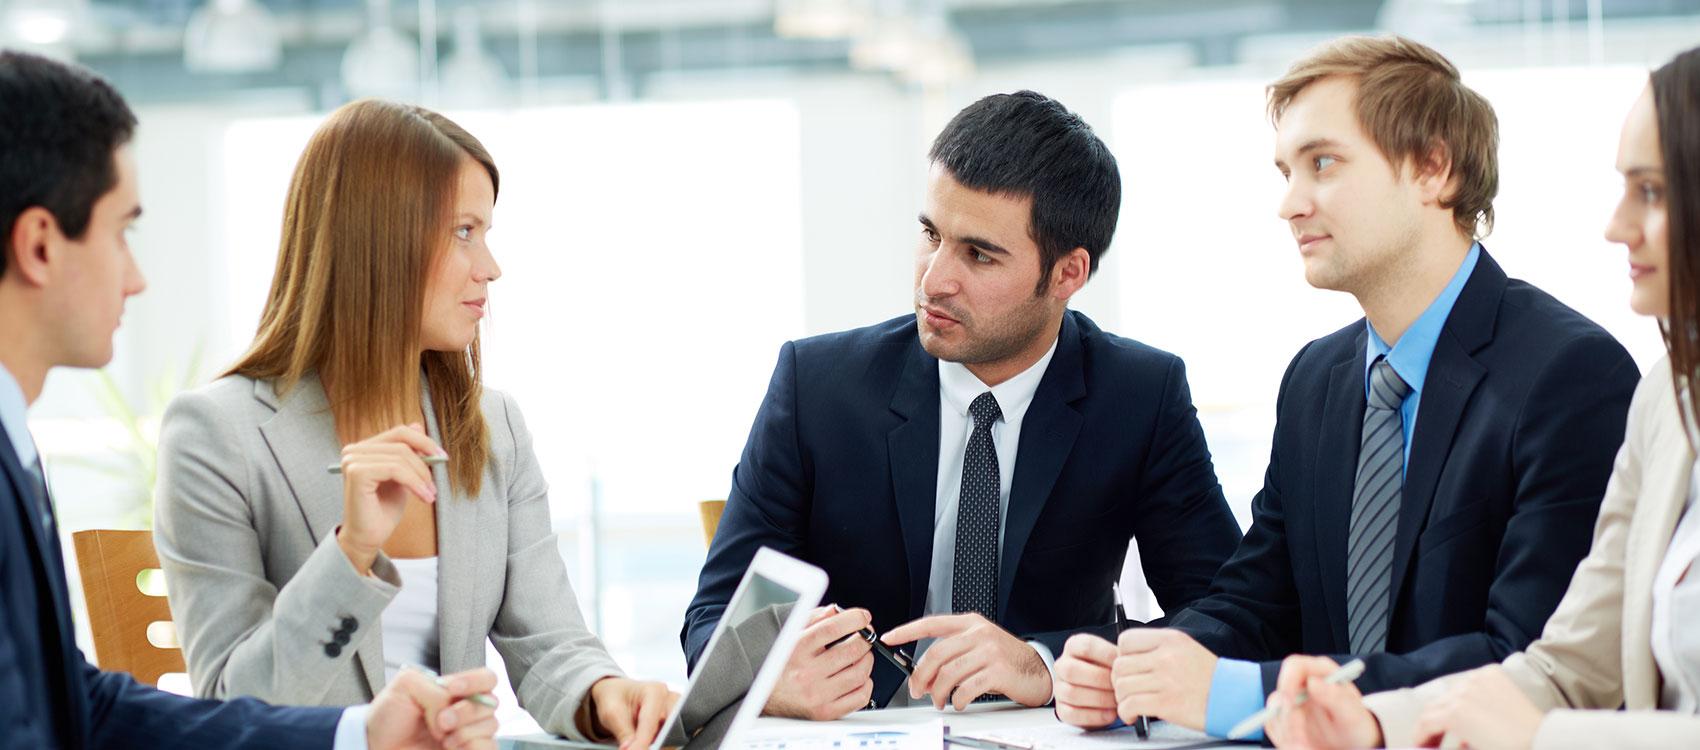 Empresas familiares: tres razones por las que no tienes los jefes que necesitas